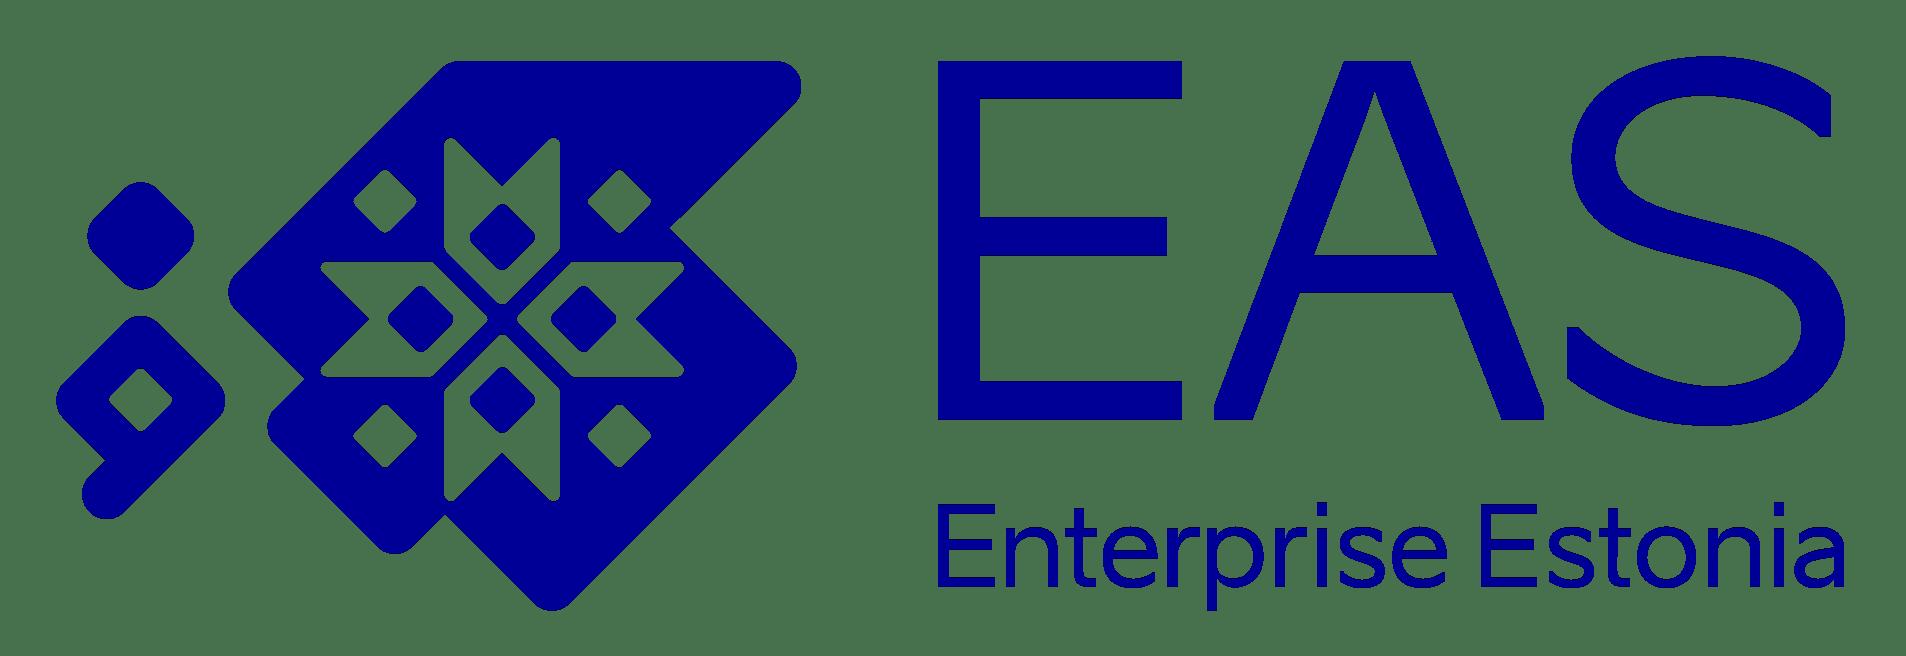 EAS_RGB_Liivi